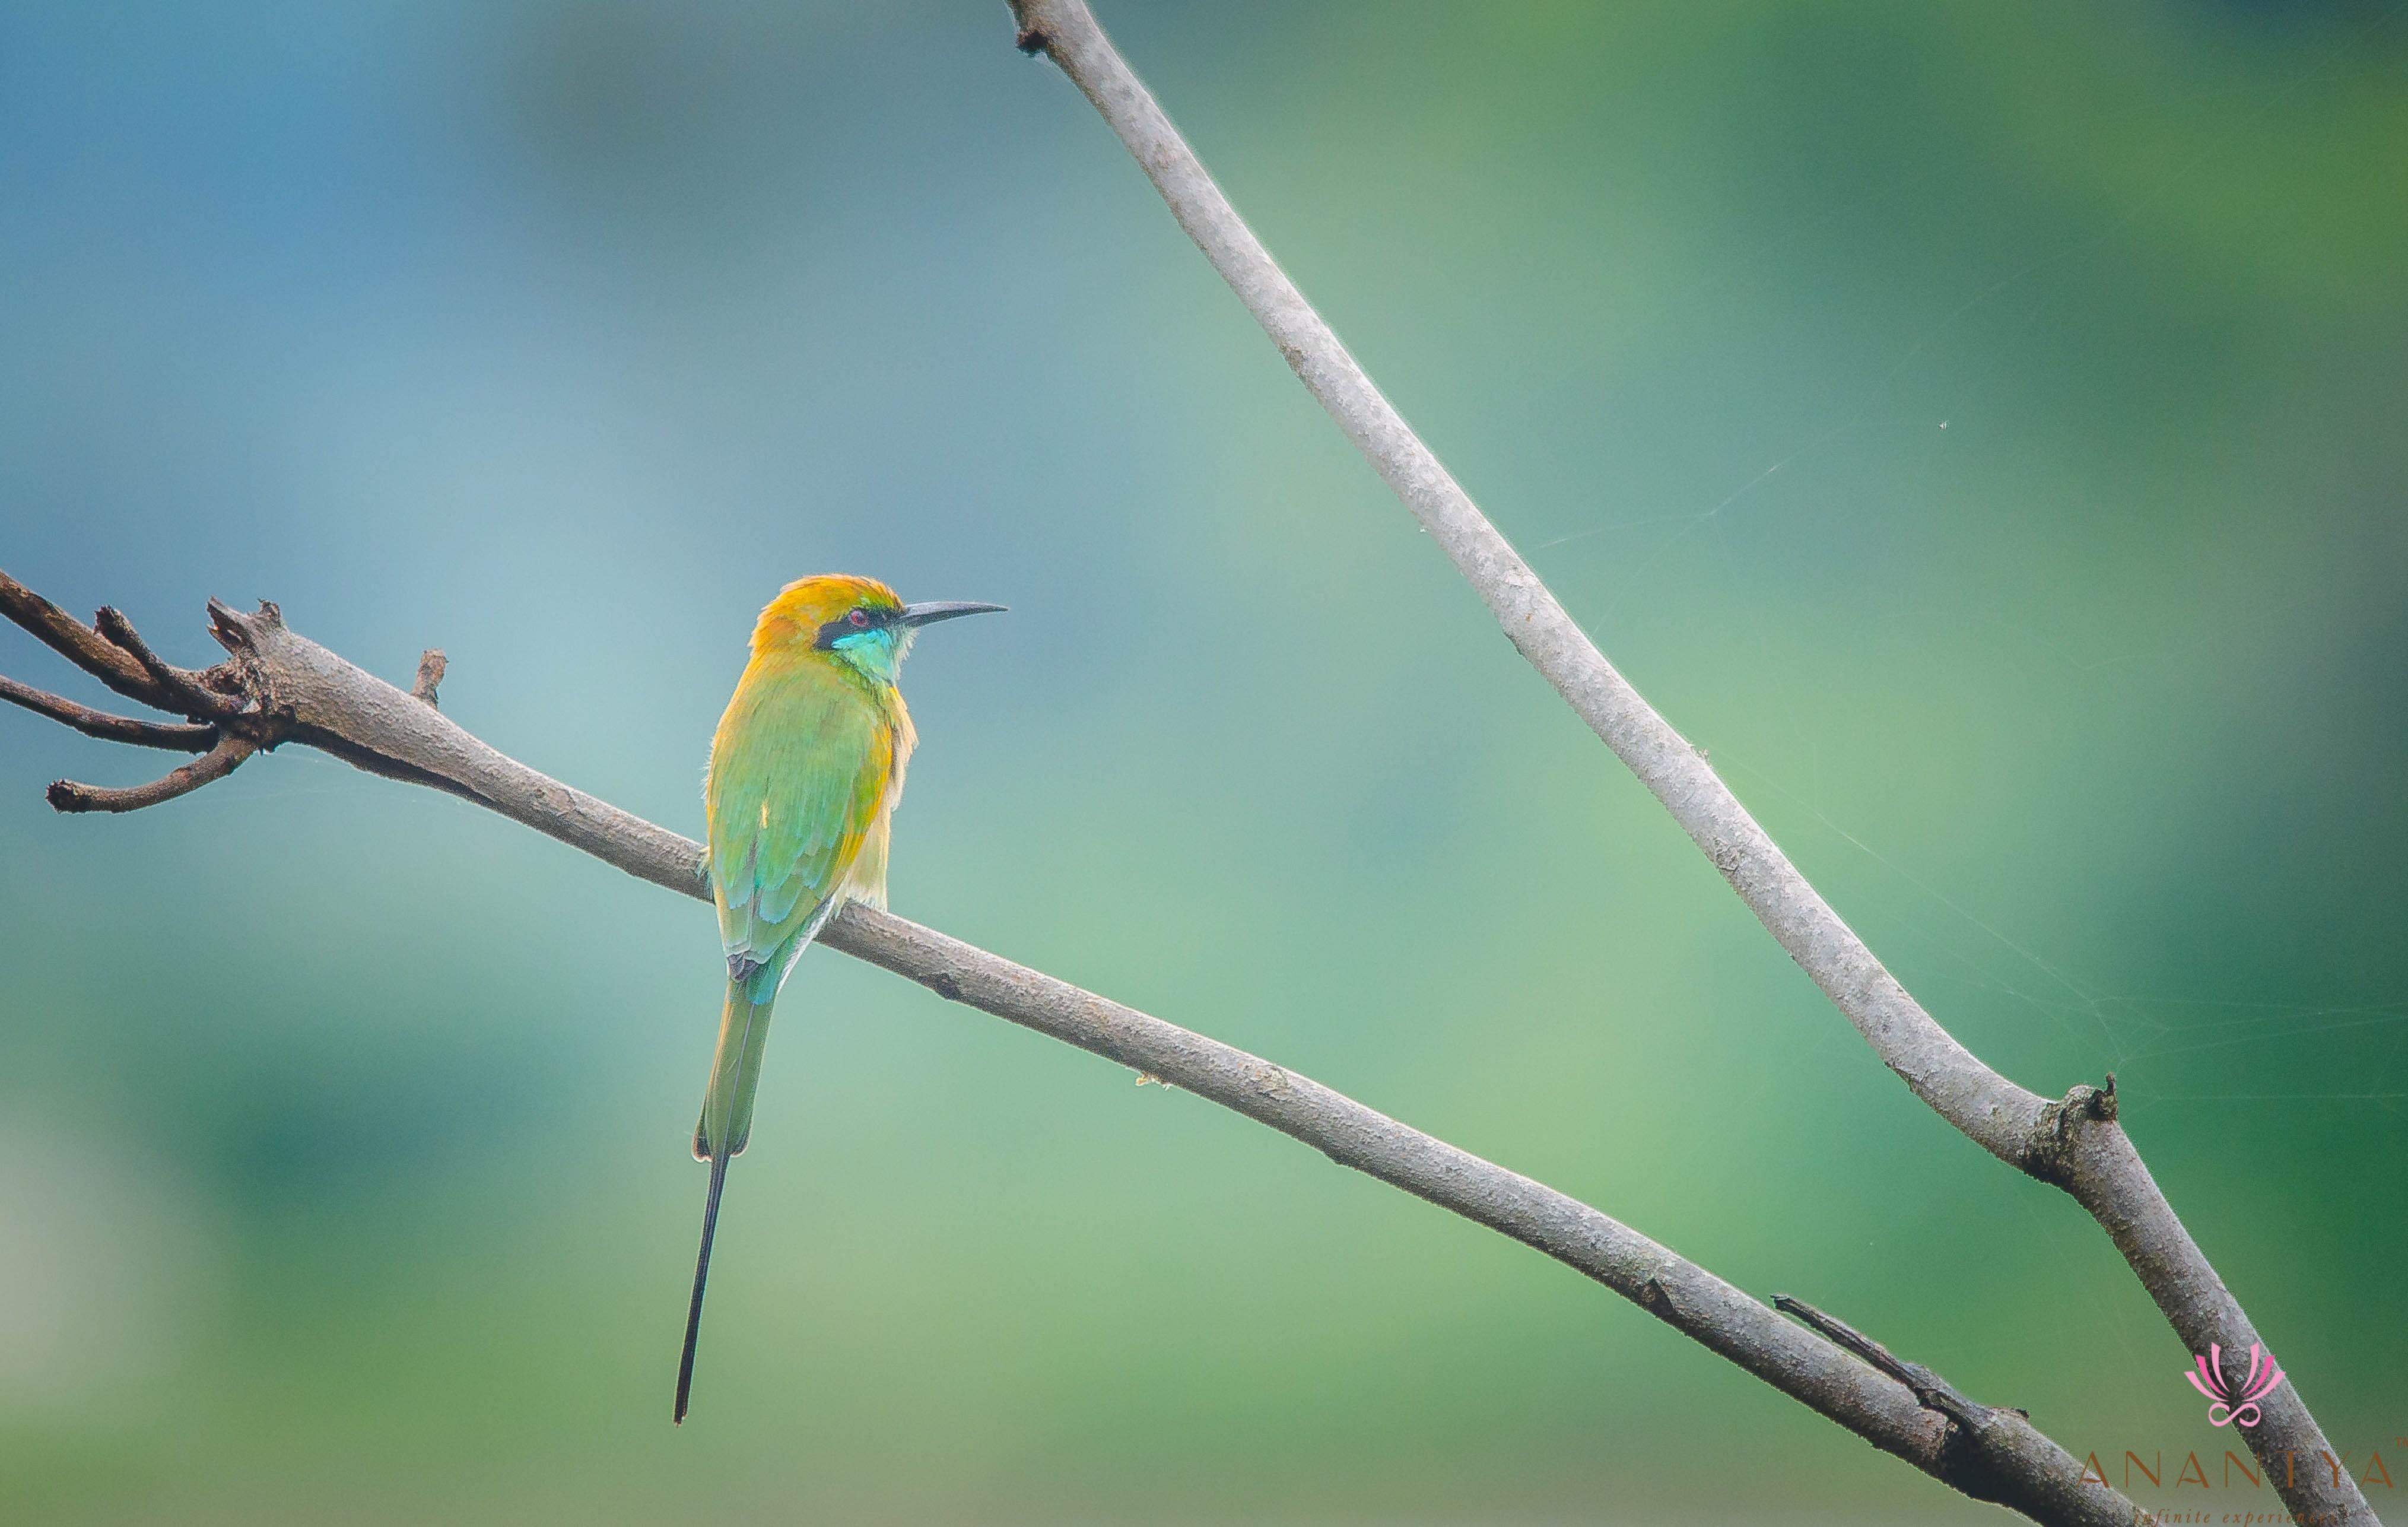 little-green-bird-0027-compressed